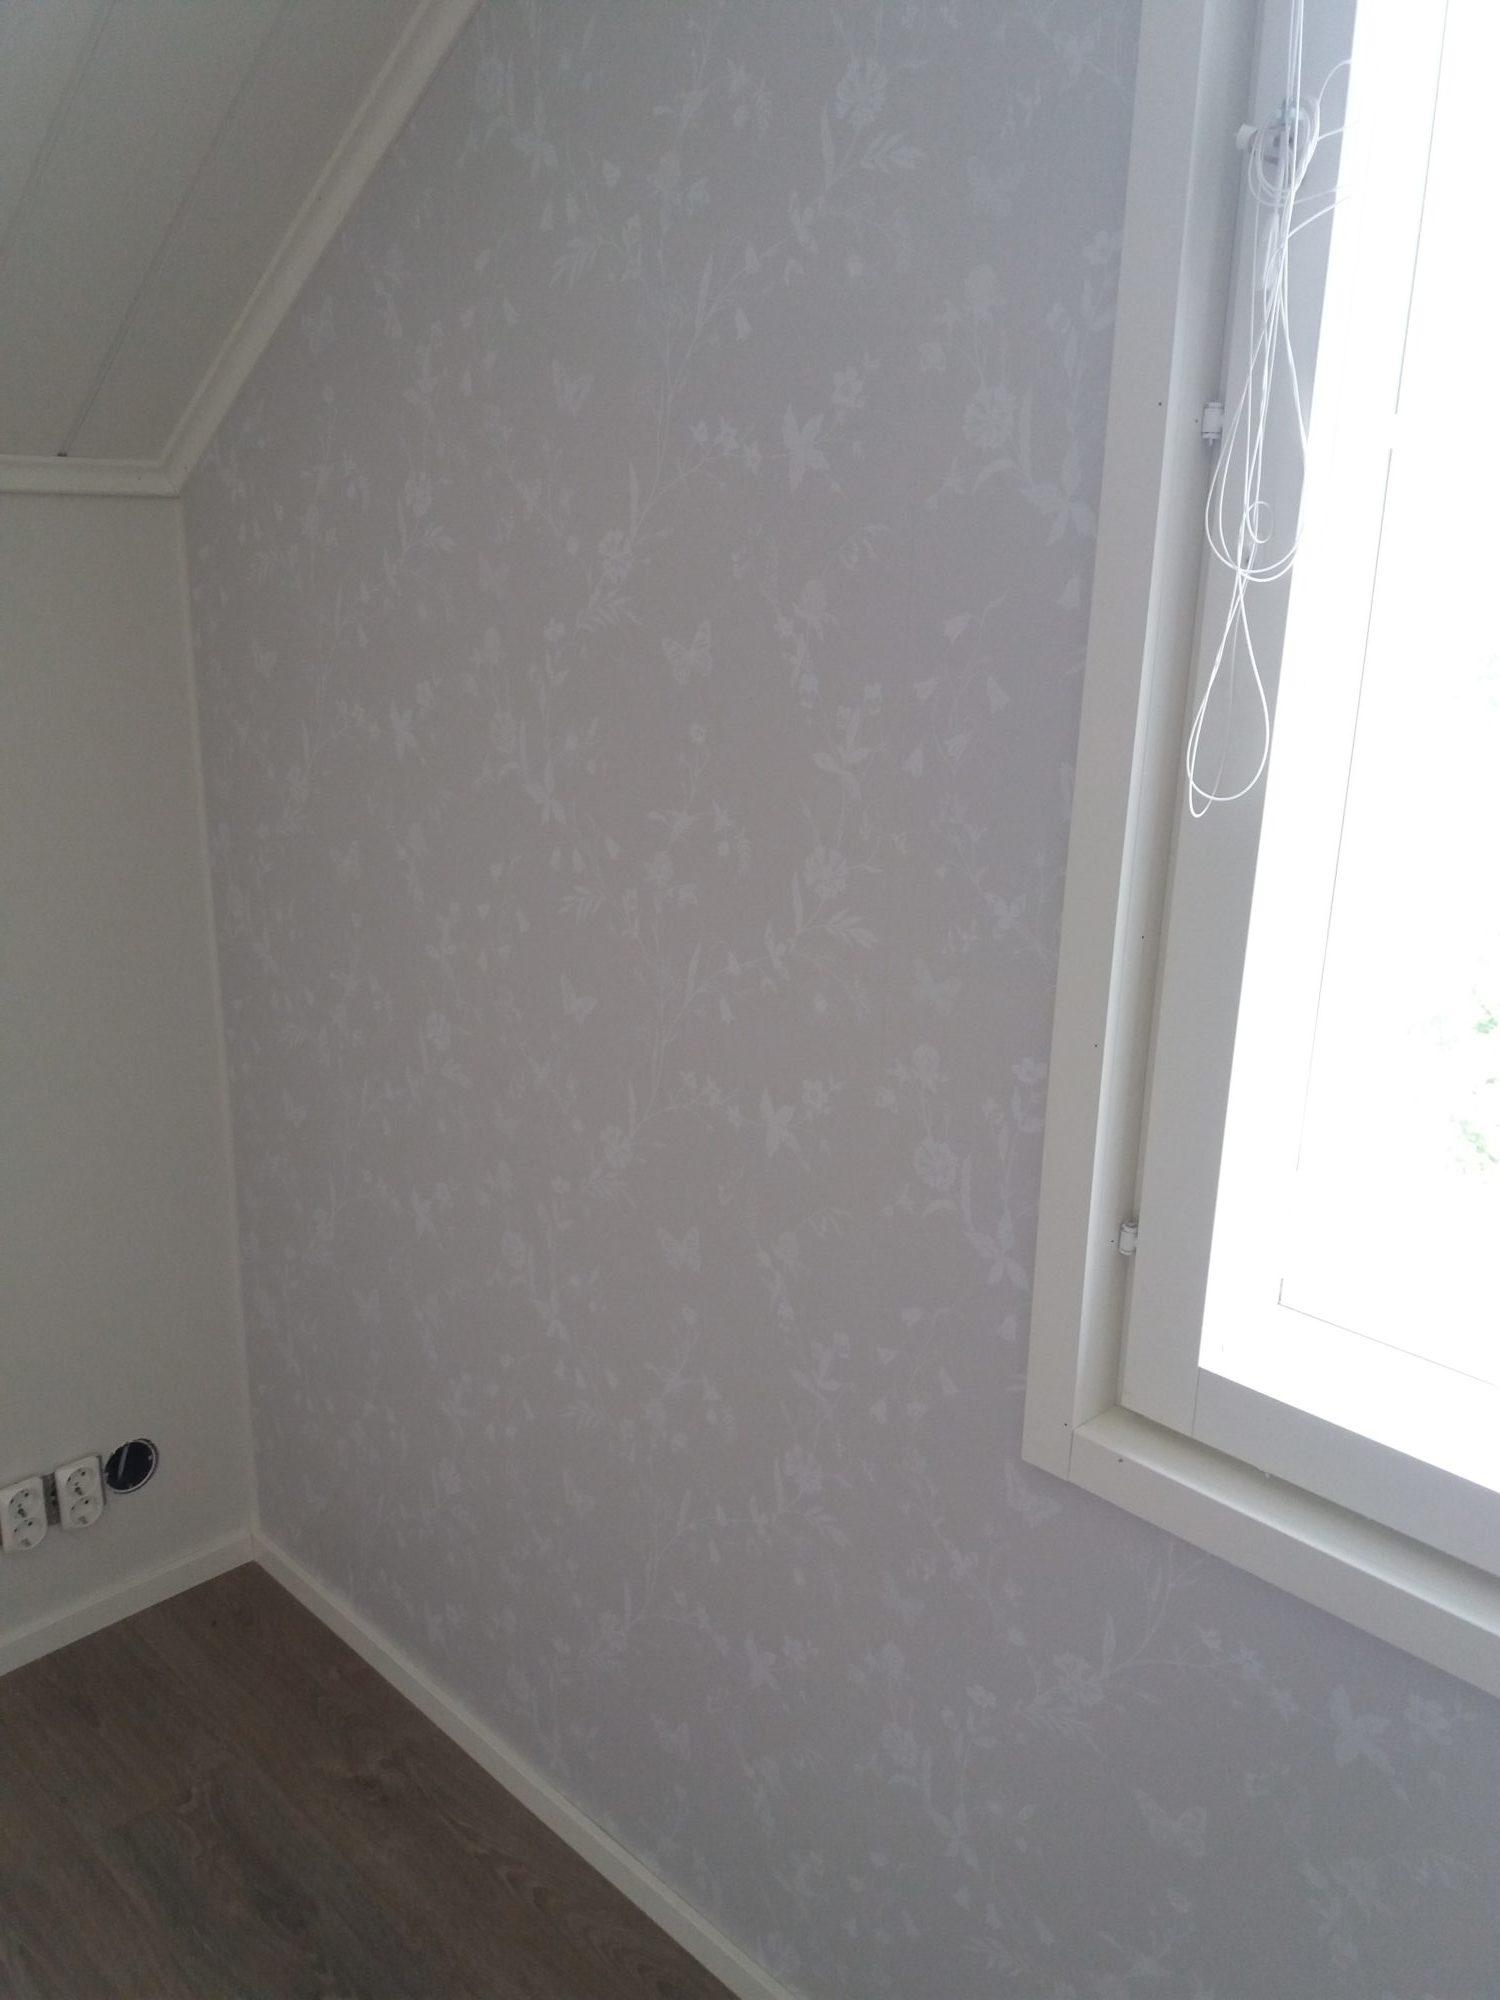 OKT pintamateriaalien suunnittelu / tapetointi / maalaus